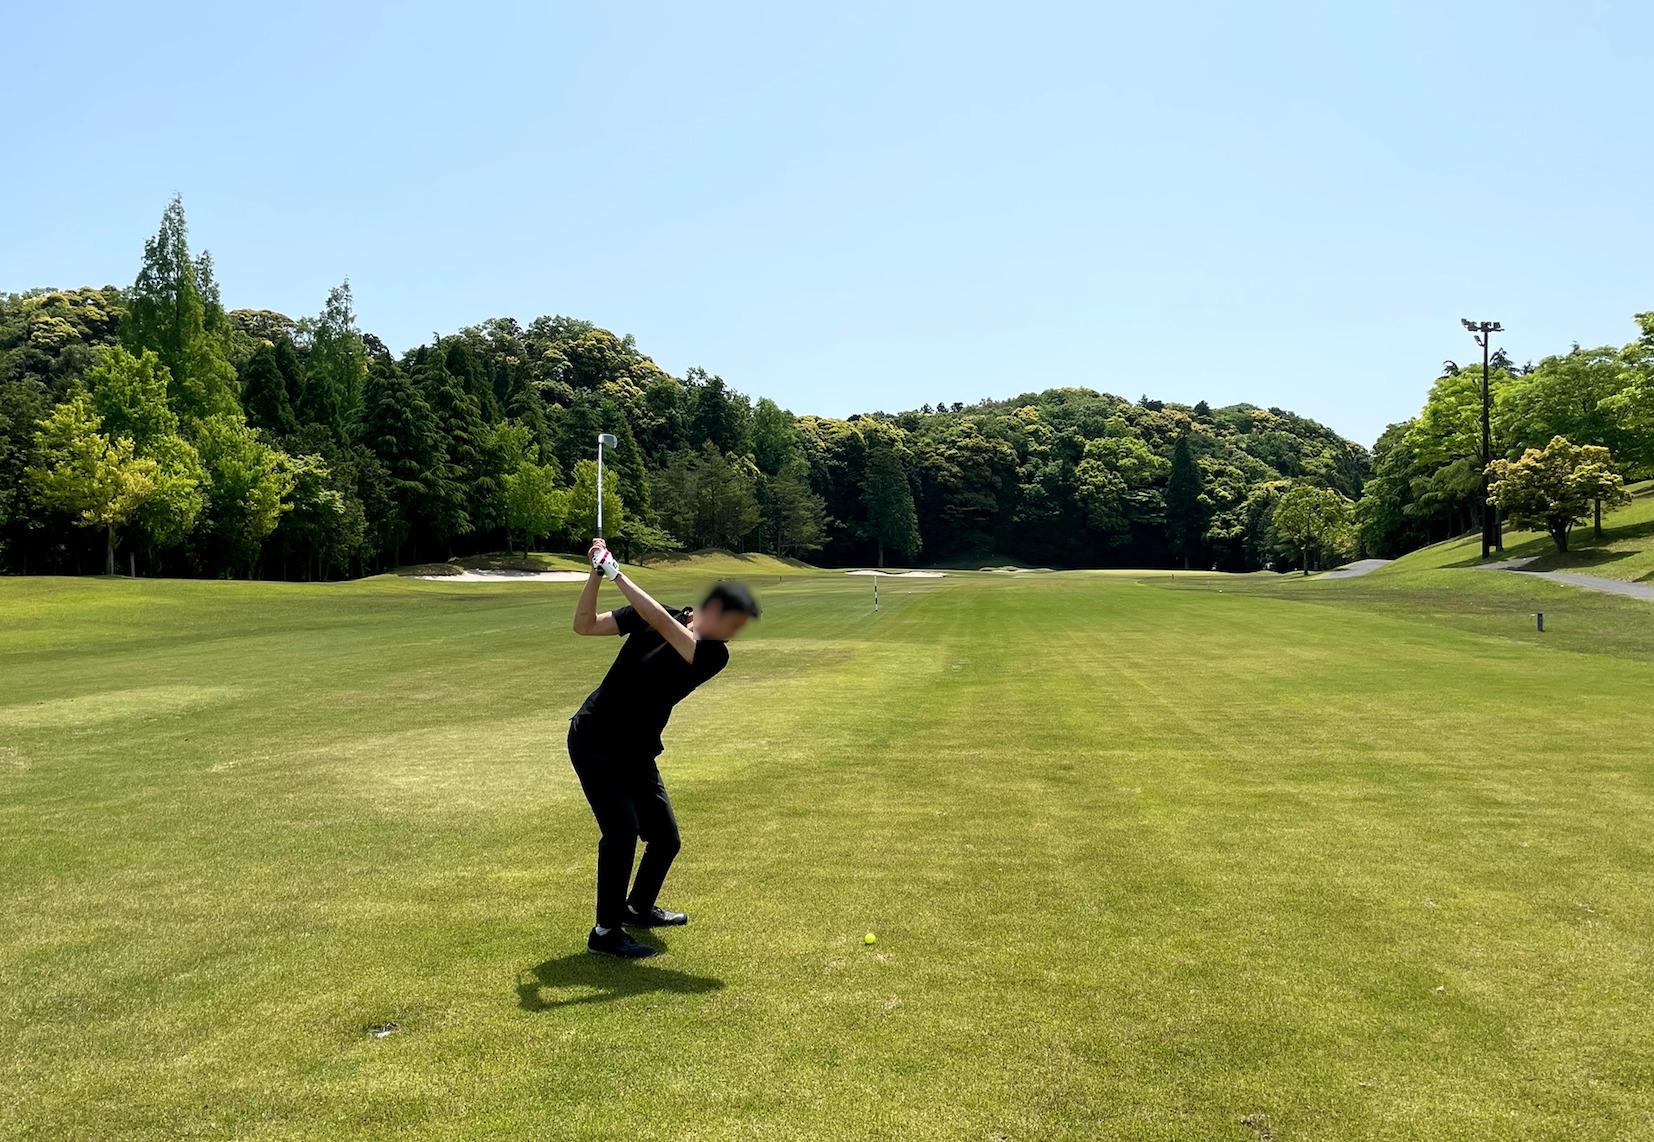 アウトドアゴルフのコースに挑戦!